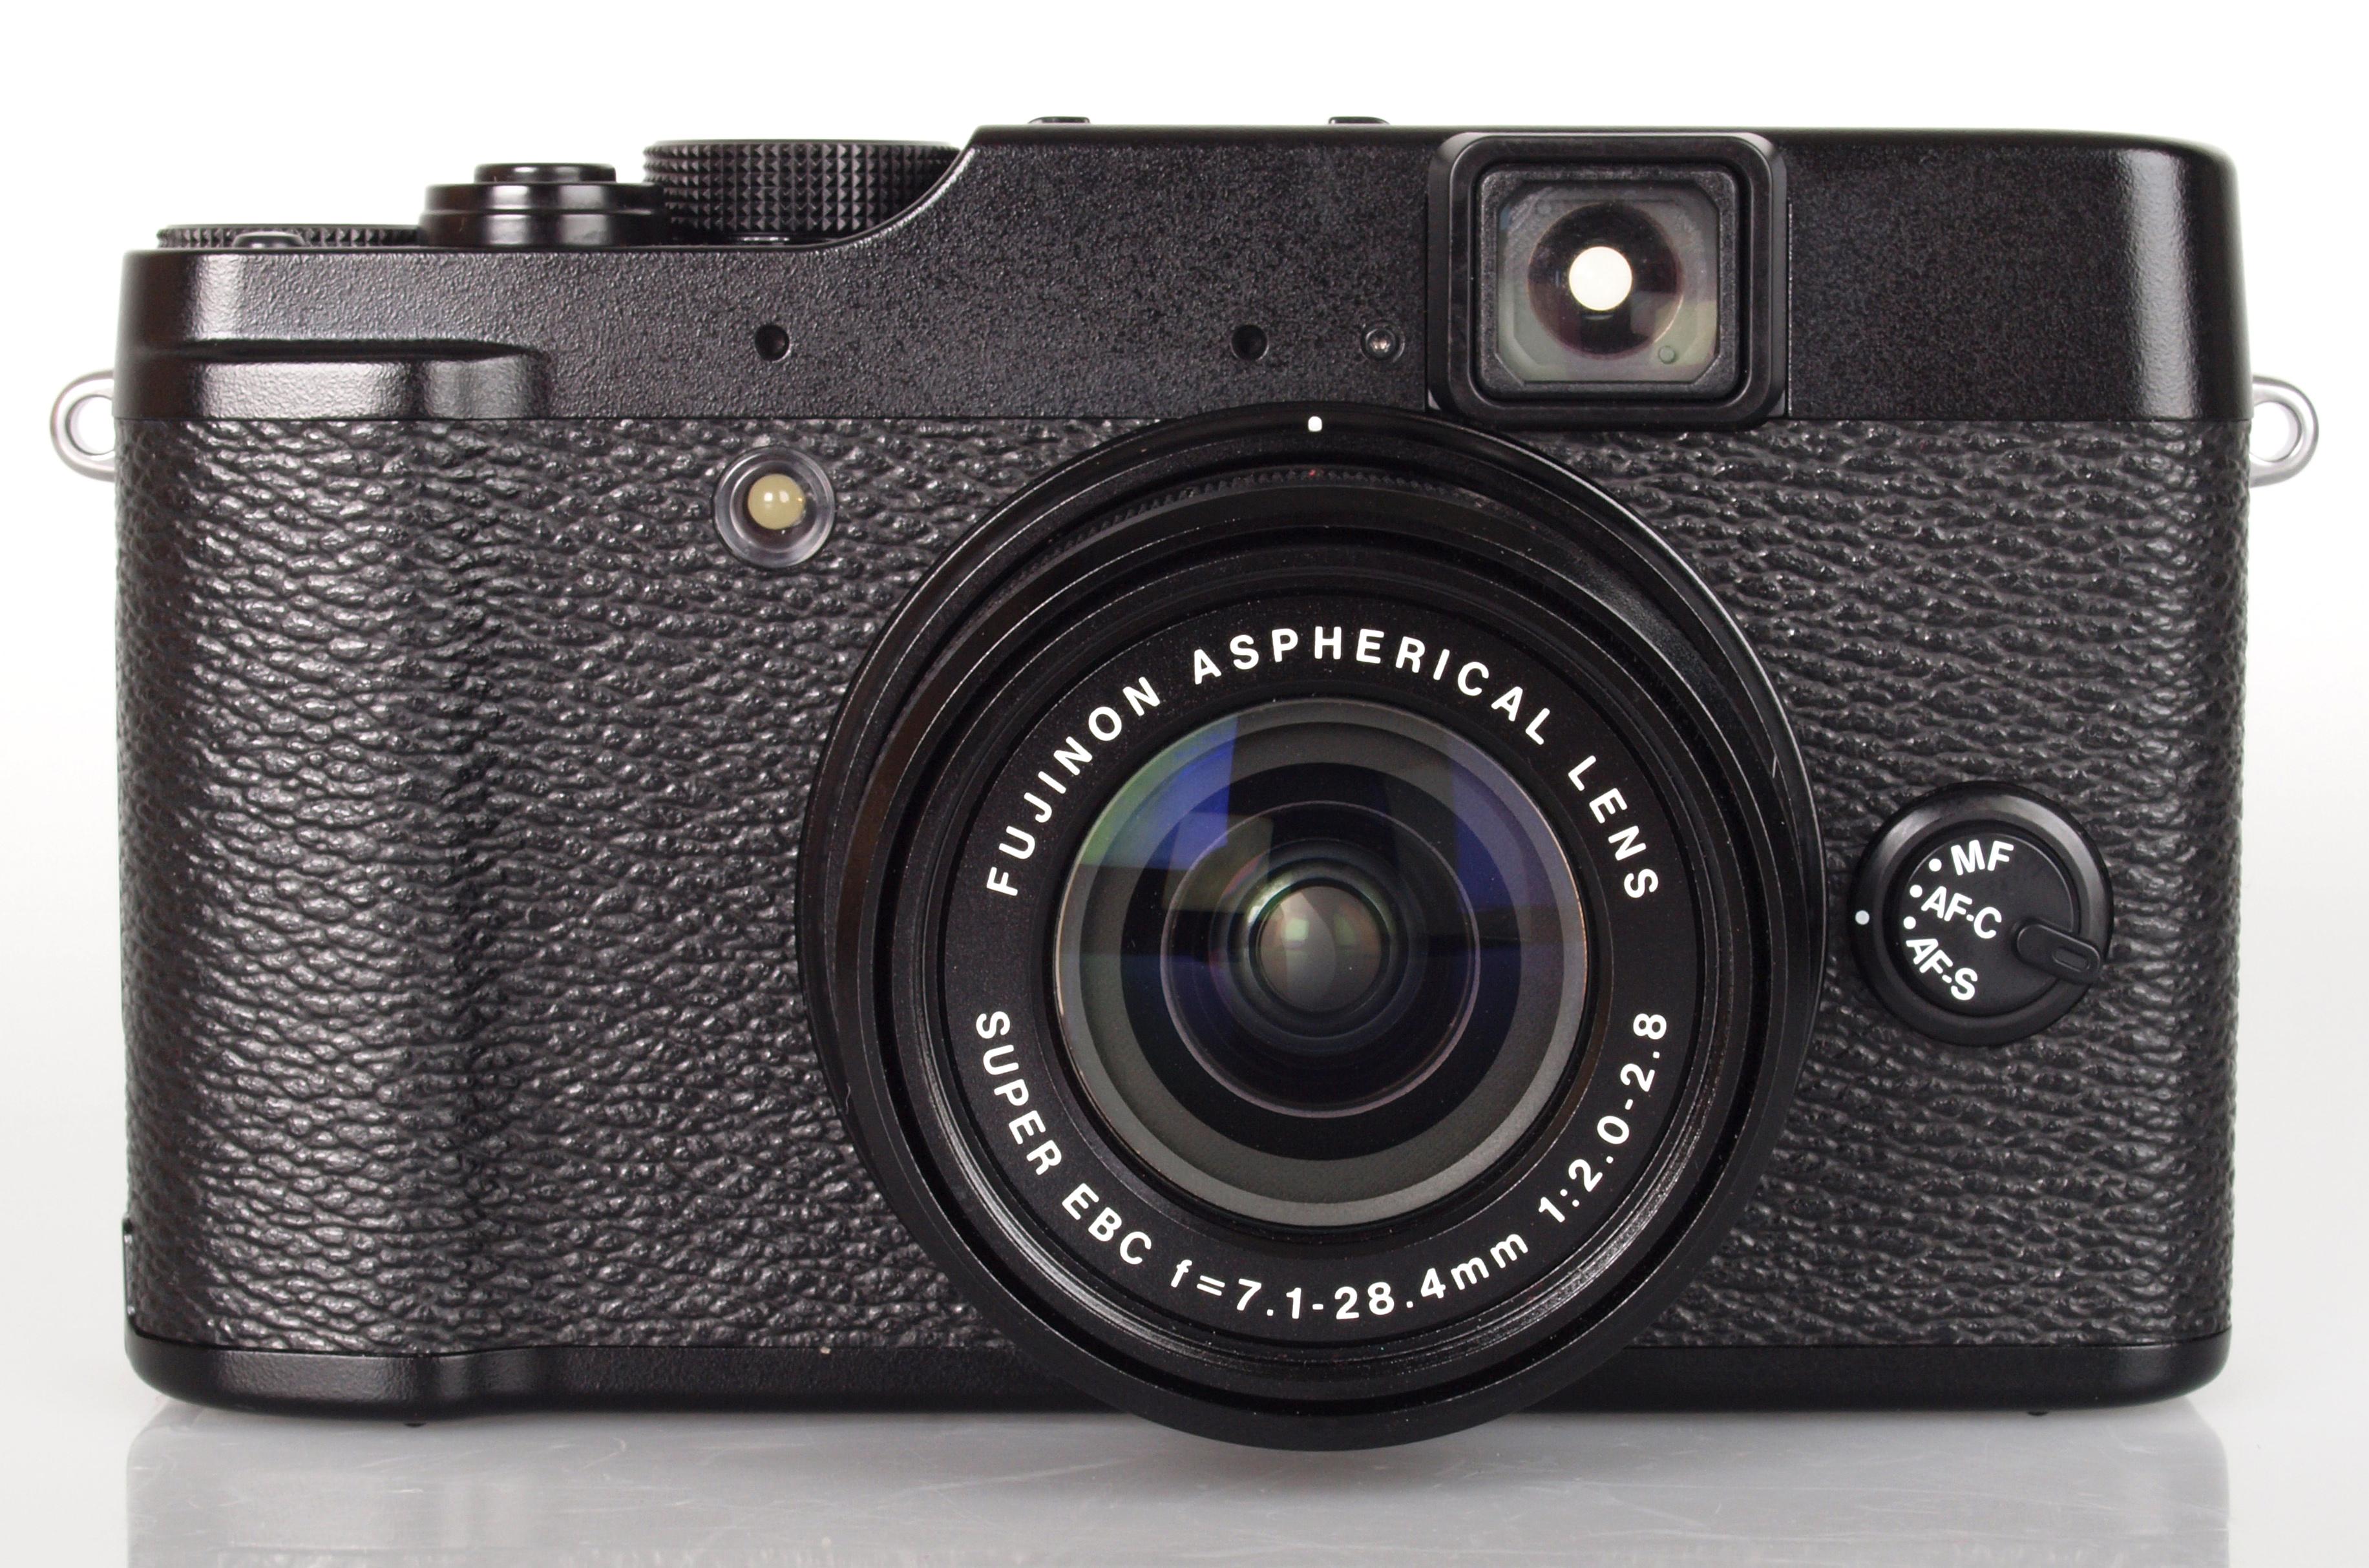 fujifilm finepix x10 serious compact review rh ephotozine com Fuji X30 Fuji X10 Macro